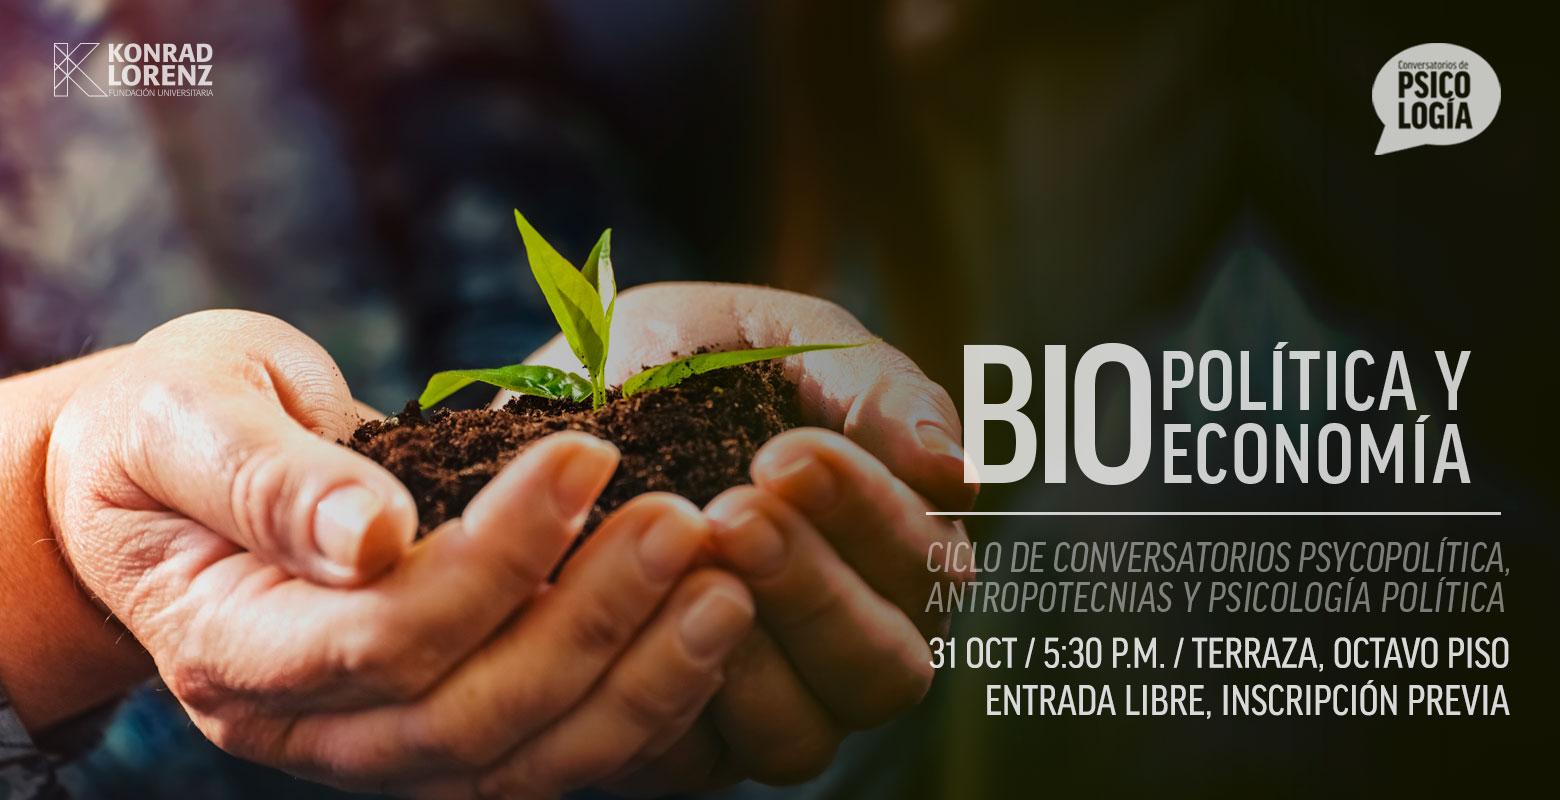 Conversatorio: Biopolítica y Bioeconomía